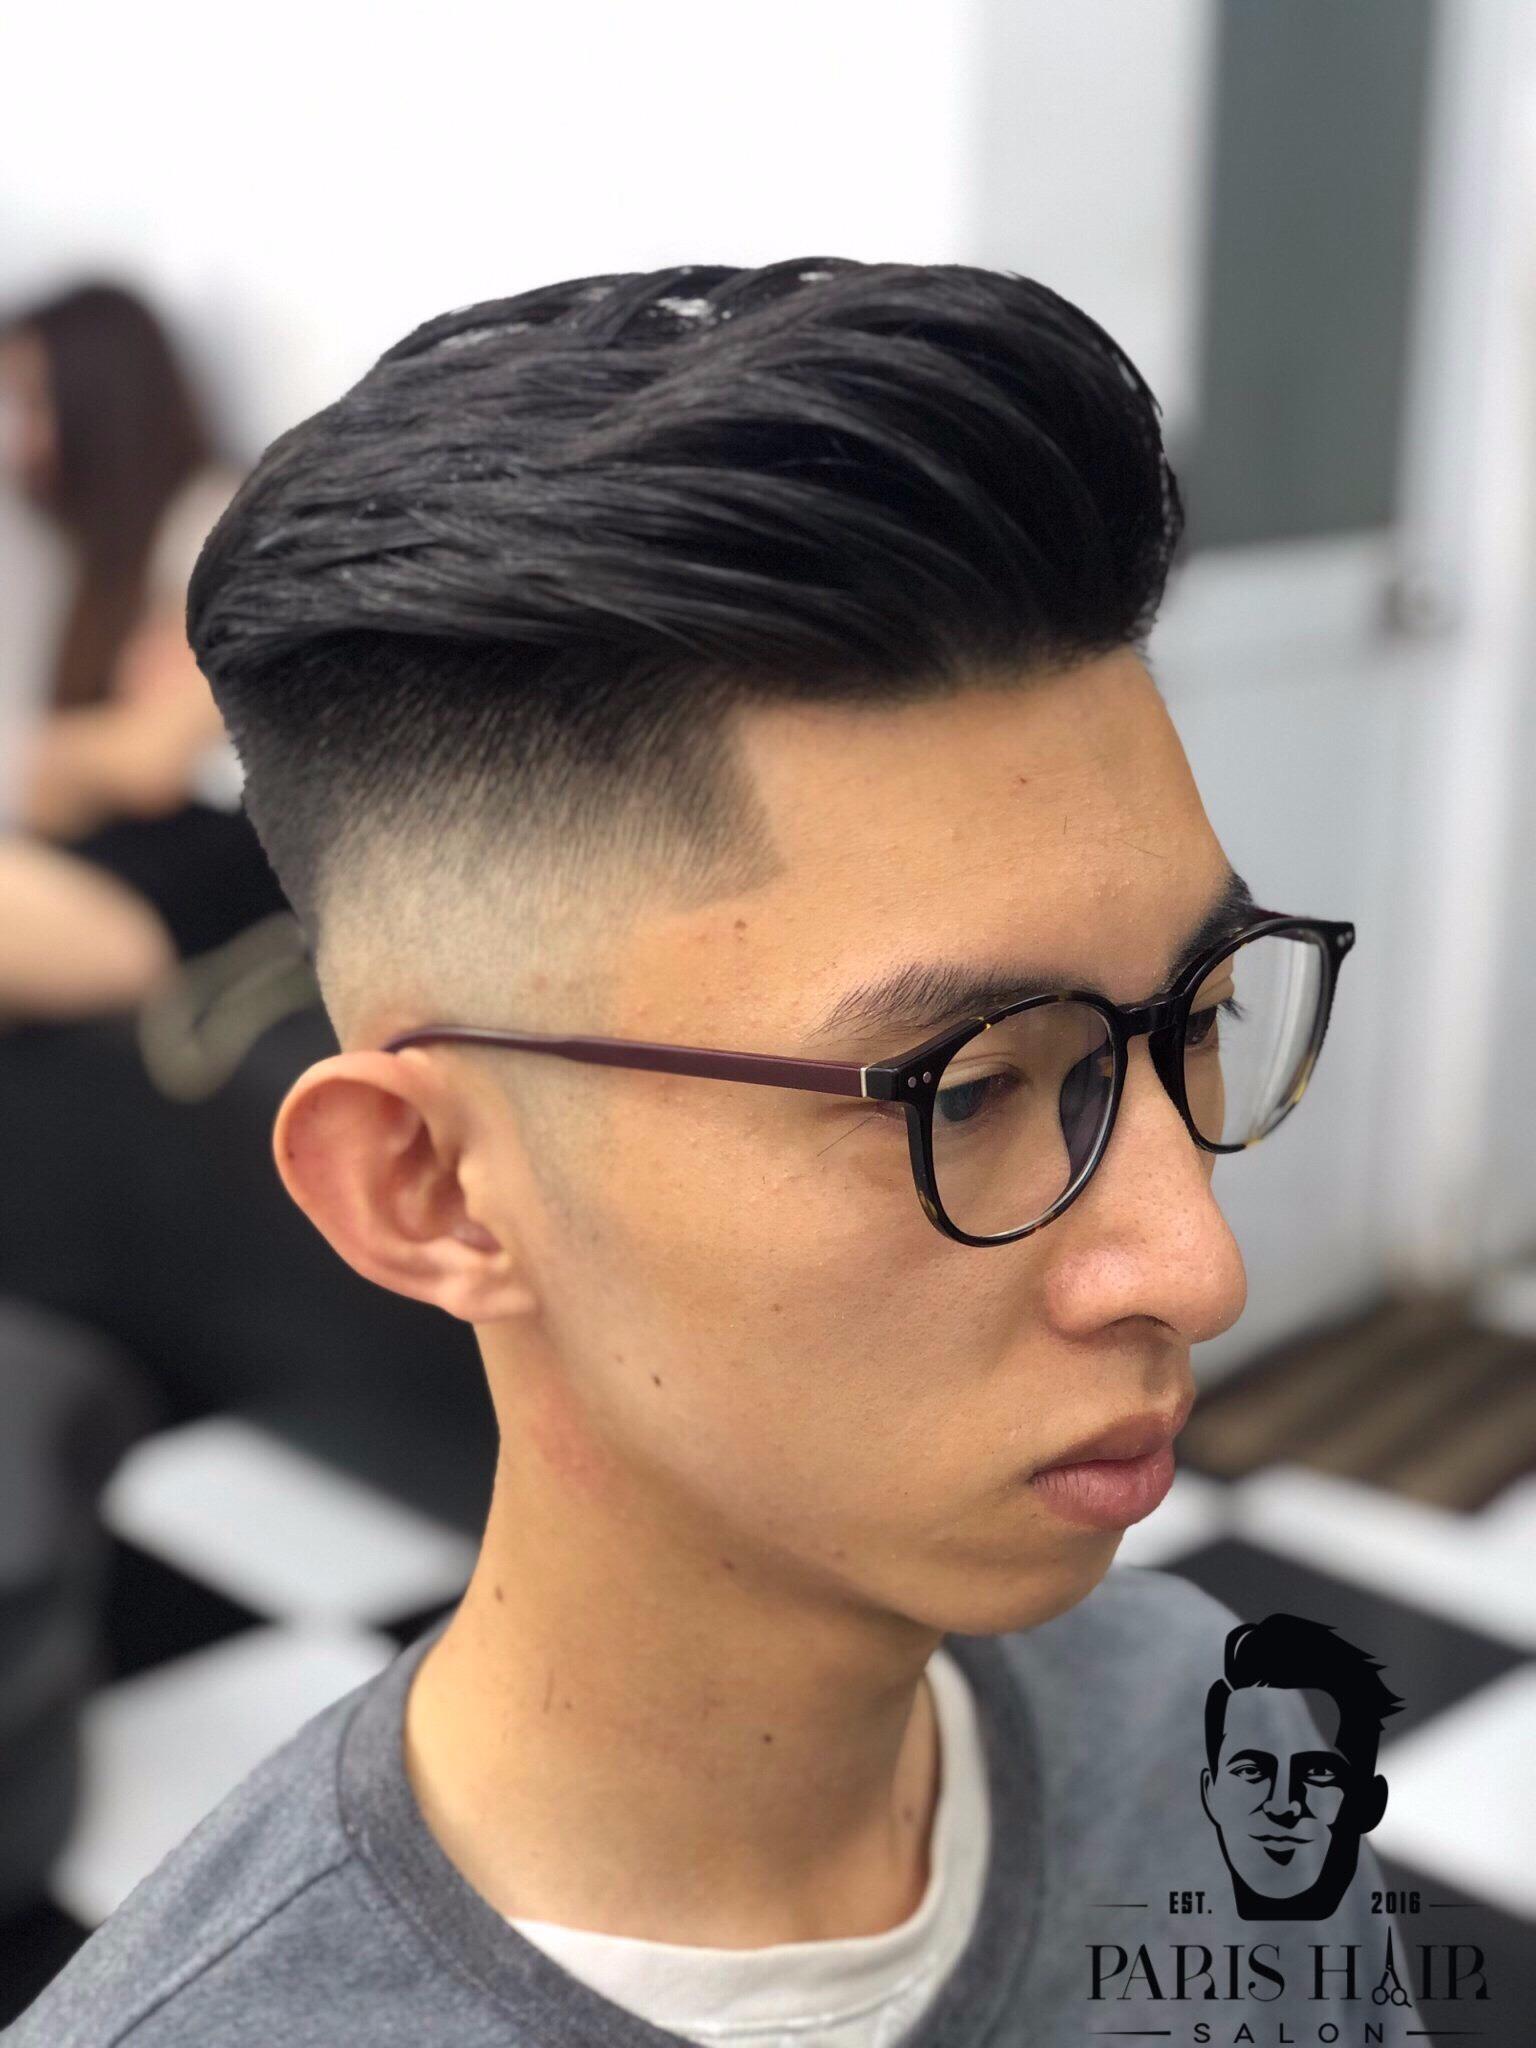 """Bí quyết """"lột xác"""" cho nam giới đơn giản là combo 7 bước làm tóc chỉ 80.000đ tại Paris Hair Salon - Ảnh 2."""